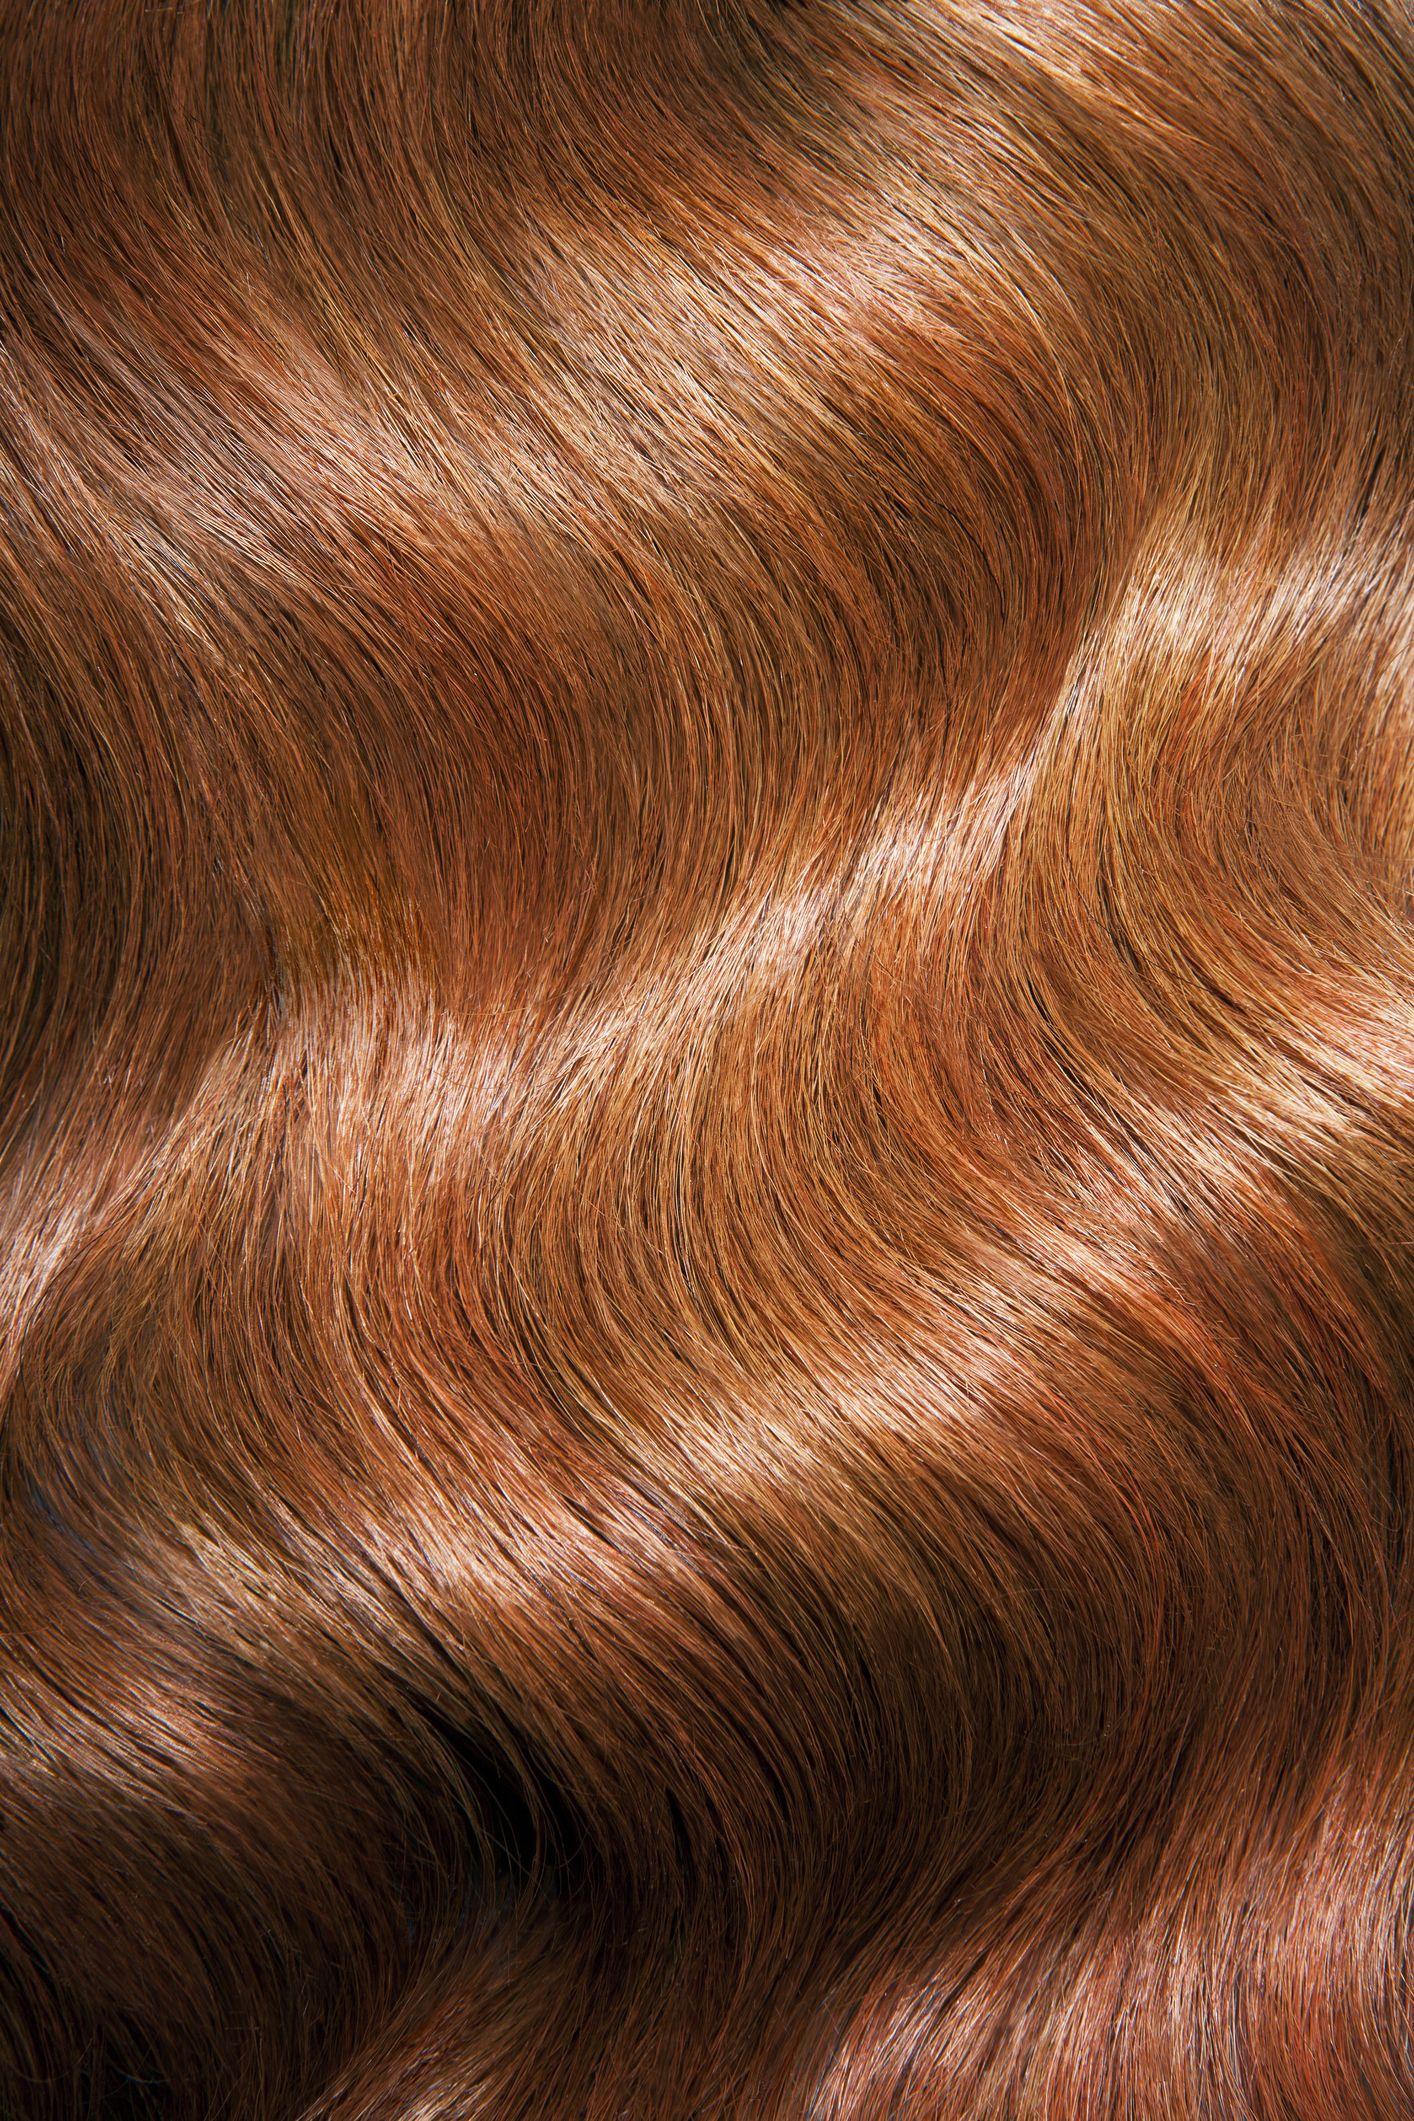 Tight shot of wavy, shiny red hair.